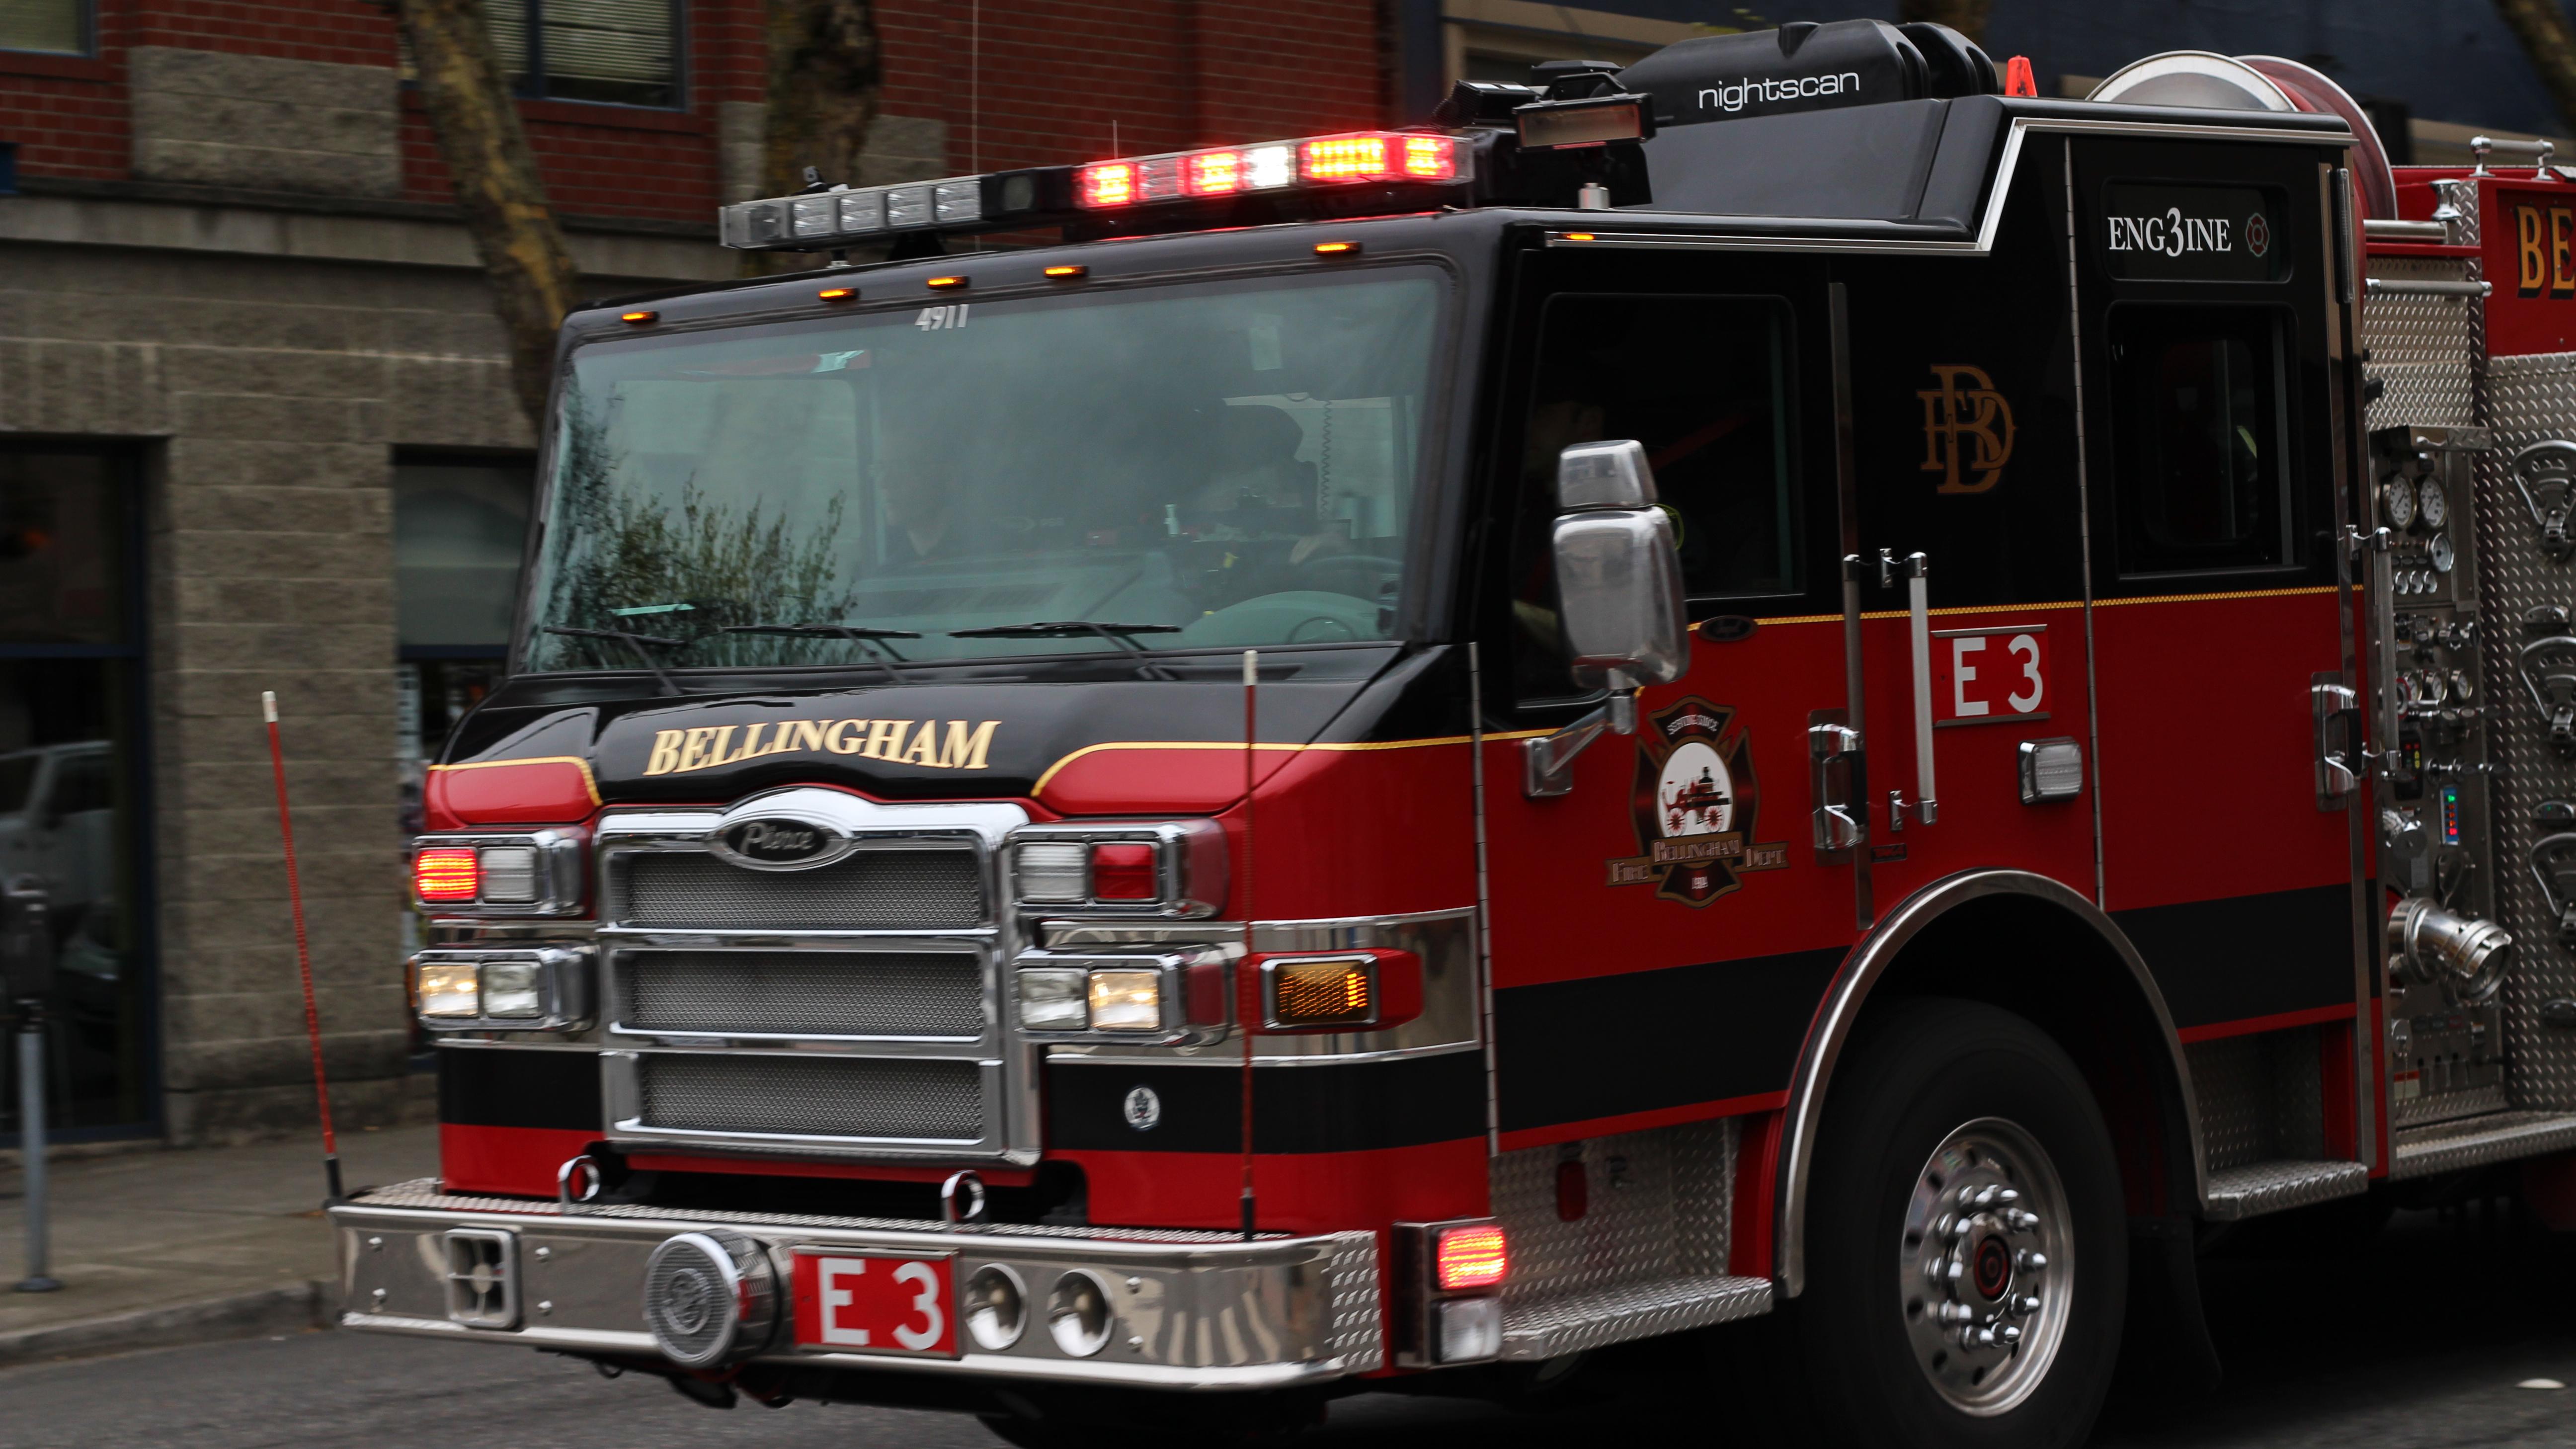 Bellingham fire dept: engine 3 photo